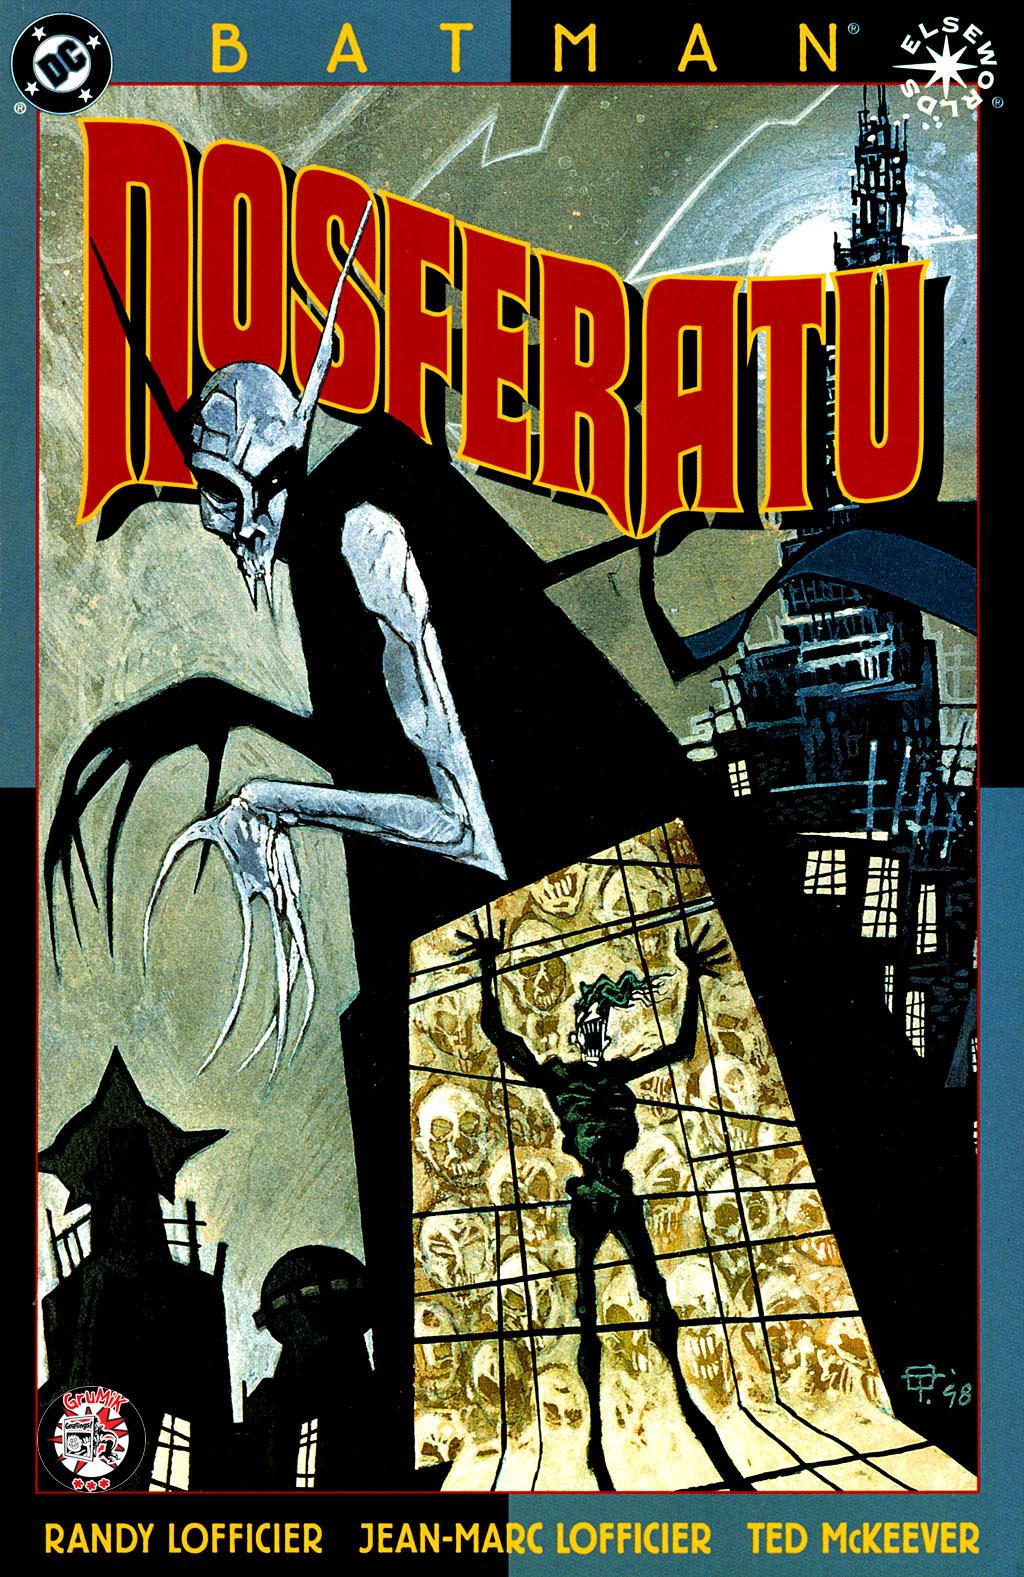 Batman: Nosferatu Full Page 1